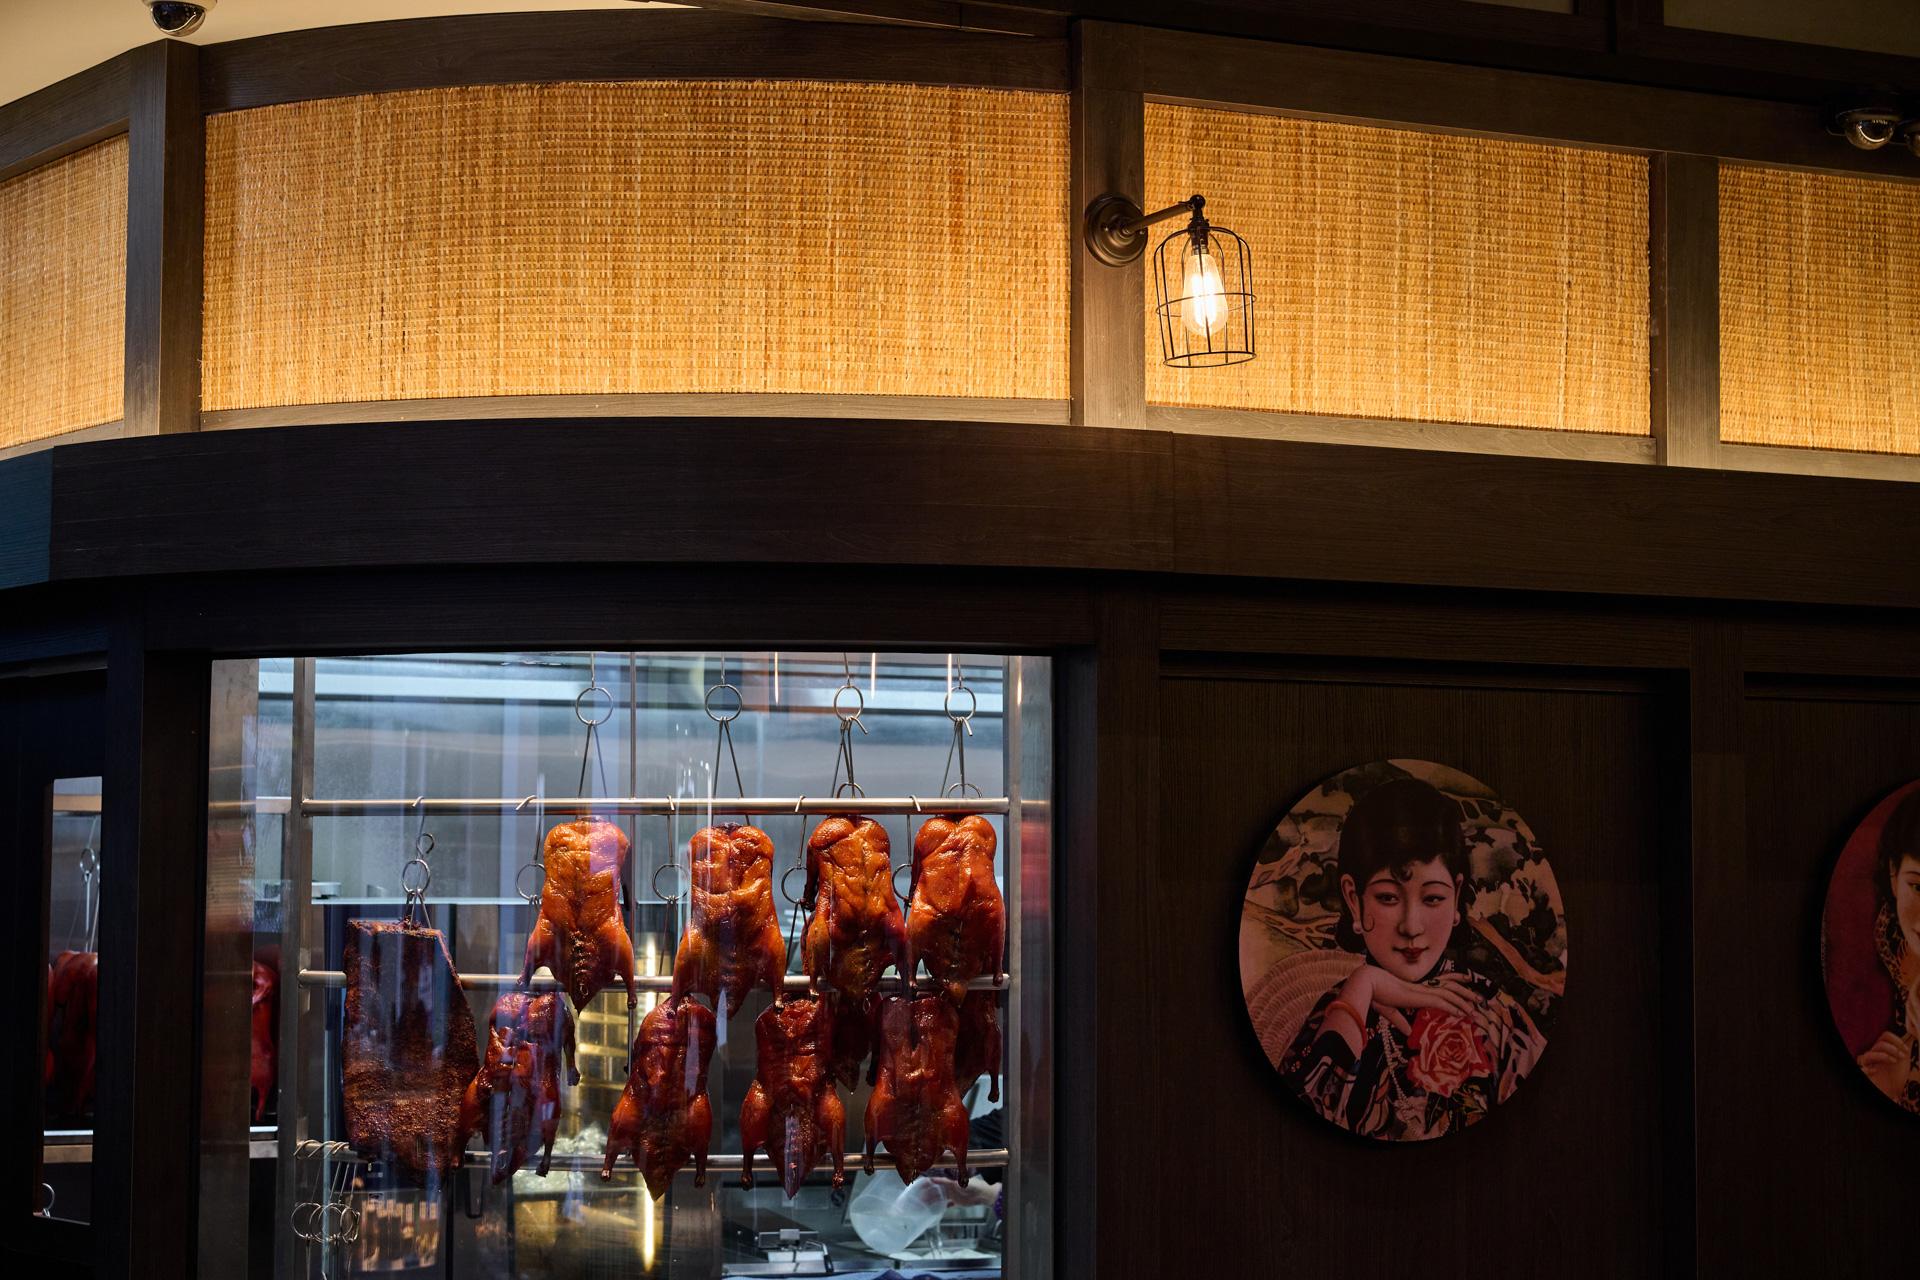 Interior image of Dumplings Plus restaurant.